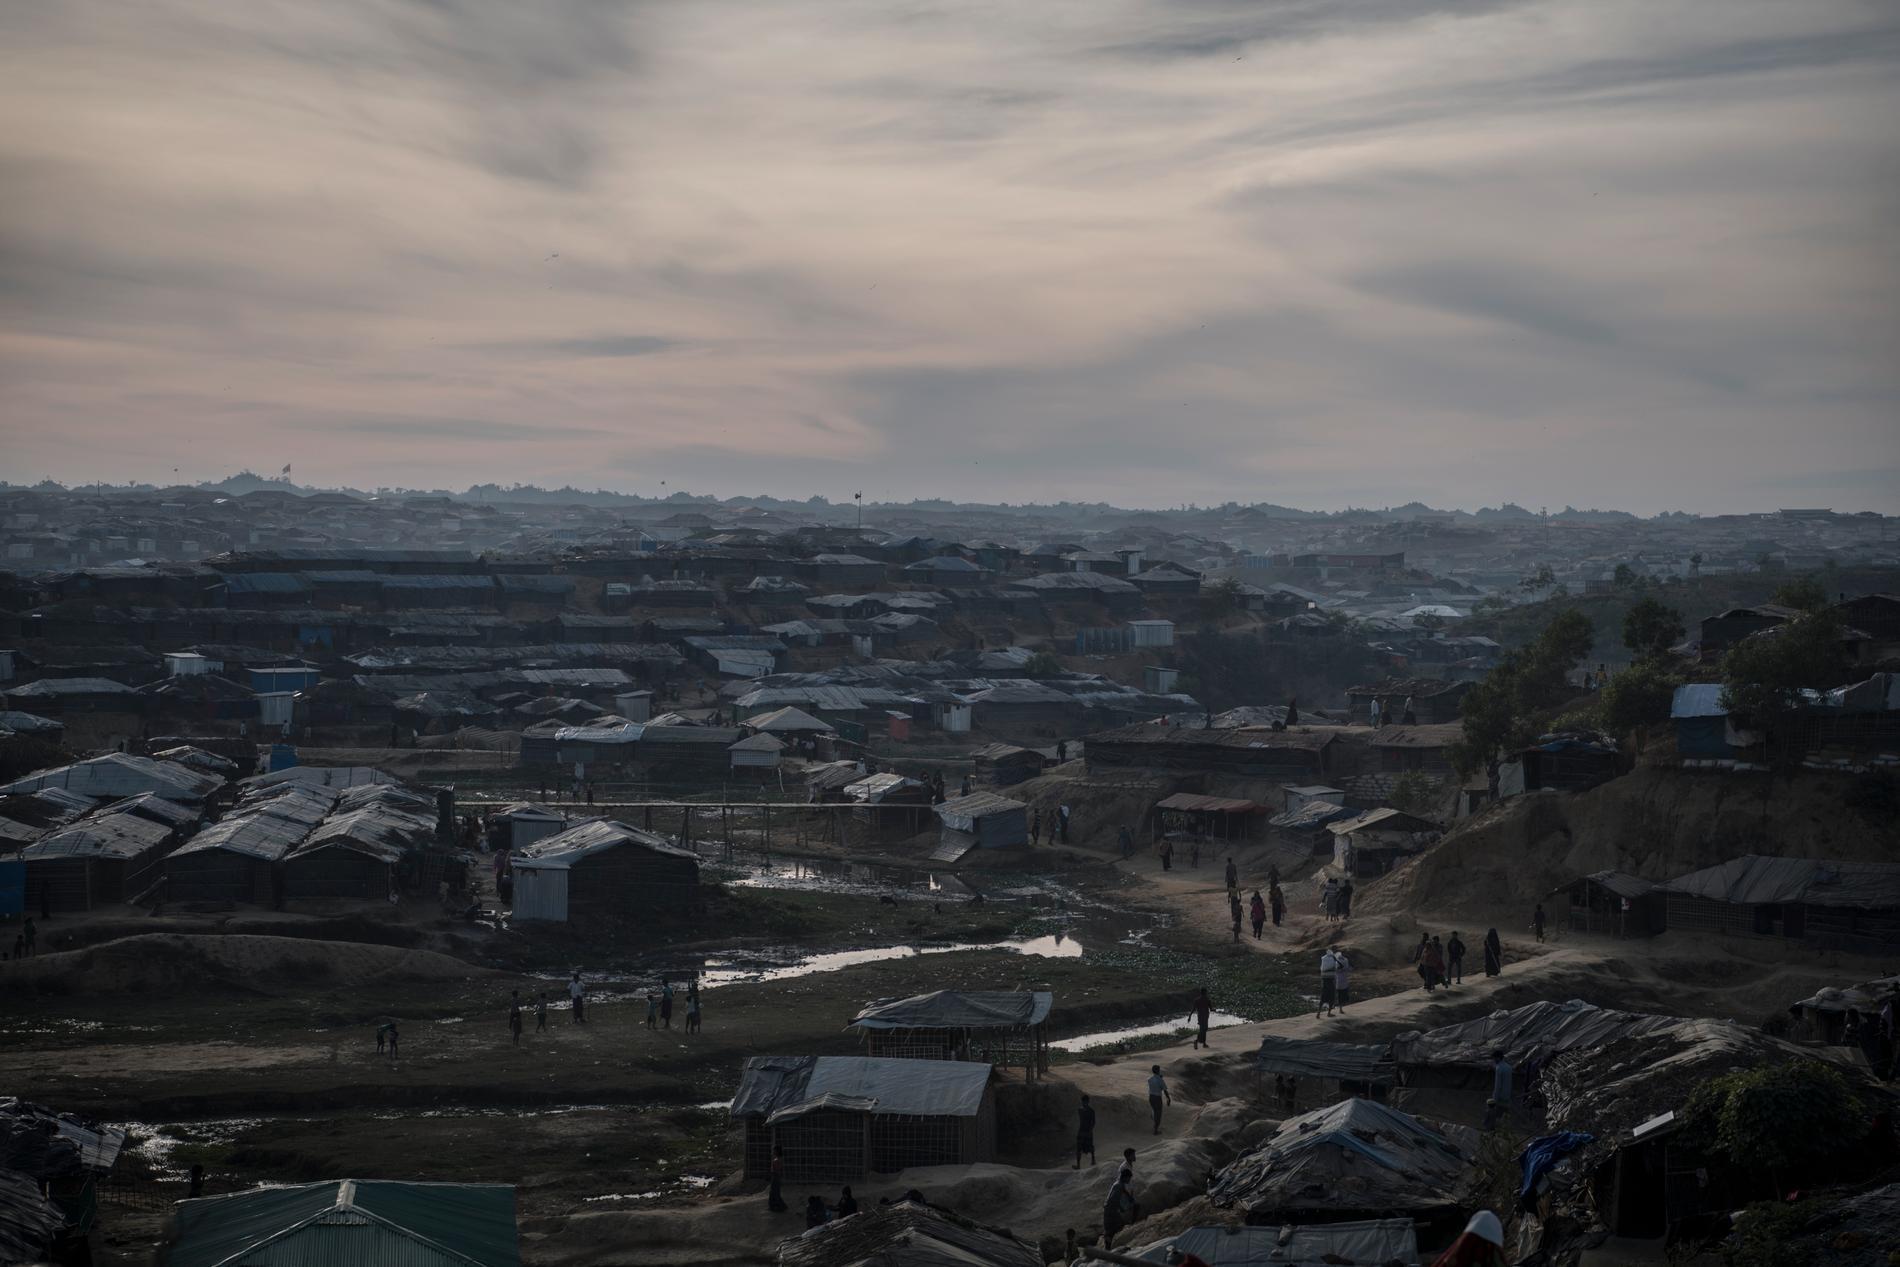 Skymning över Kutupalonglägret. En gång i tiden hem för omkring 30 000 flyende rohingyer och promenadstråk för elefanter. Nu bor över en halv miljon rohingyaflyktingar från Burma här.